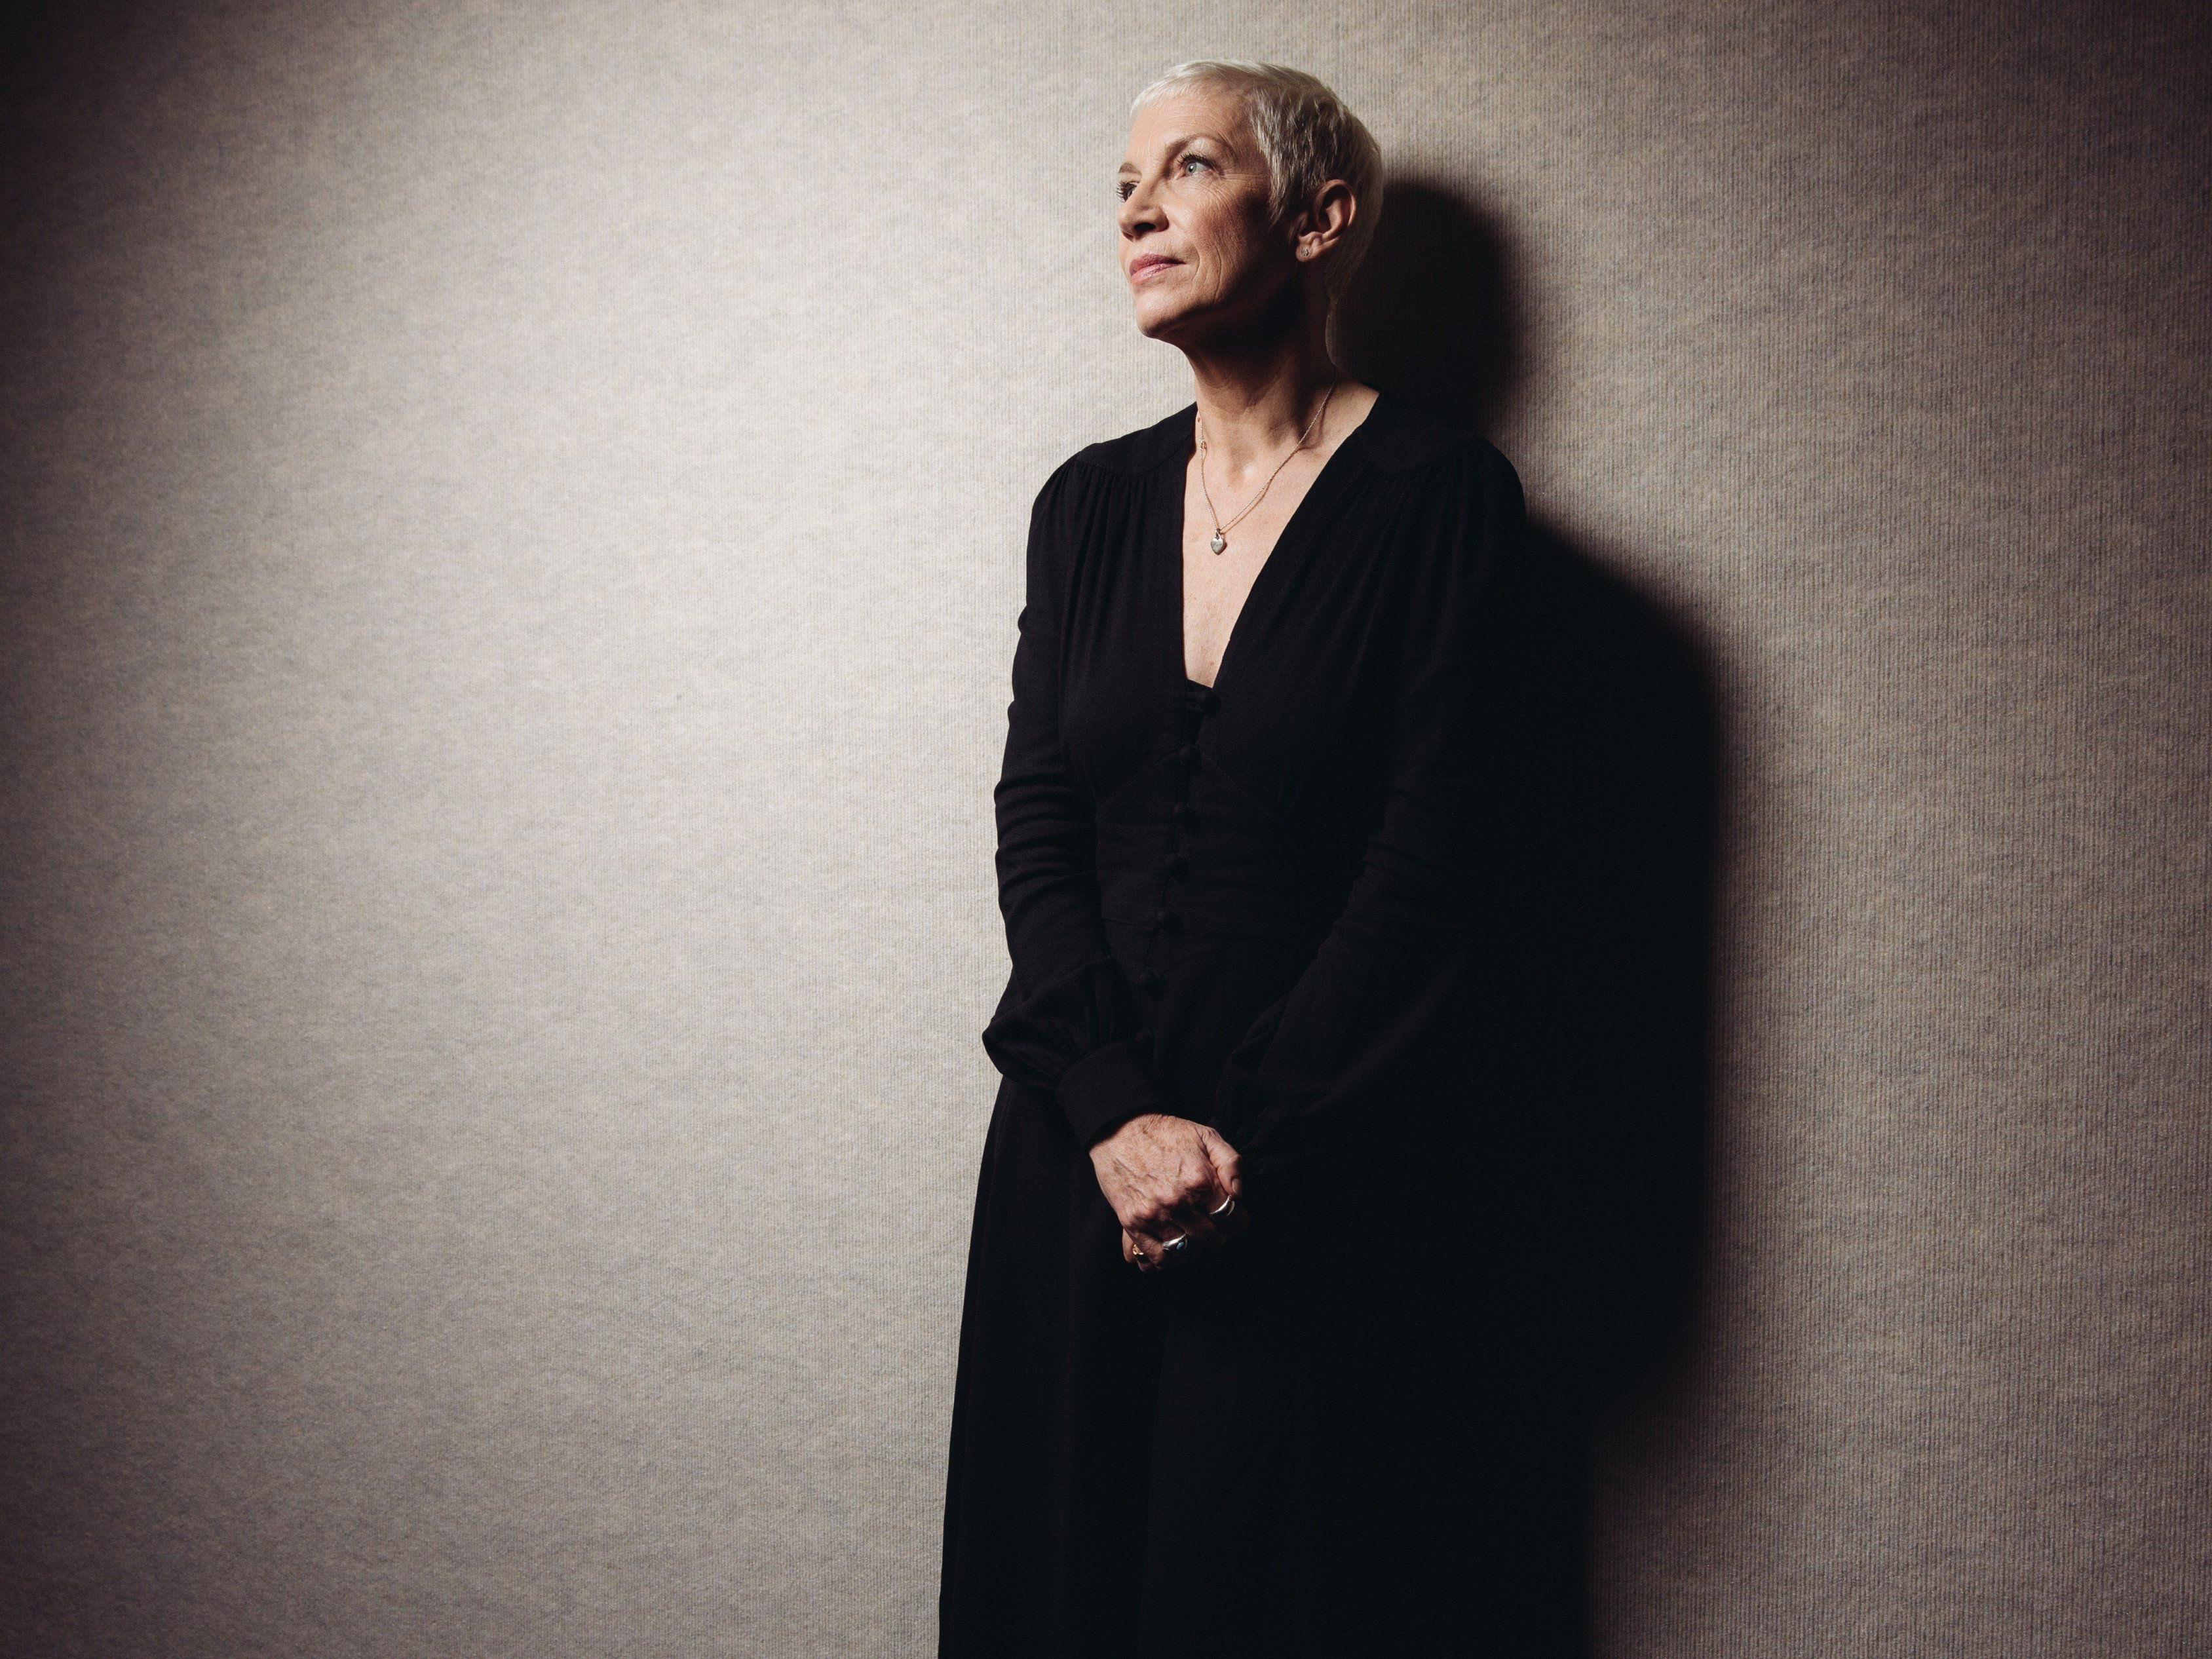 Sängerin Annie Lennox wurde an einem 25. Dezember geboren.